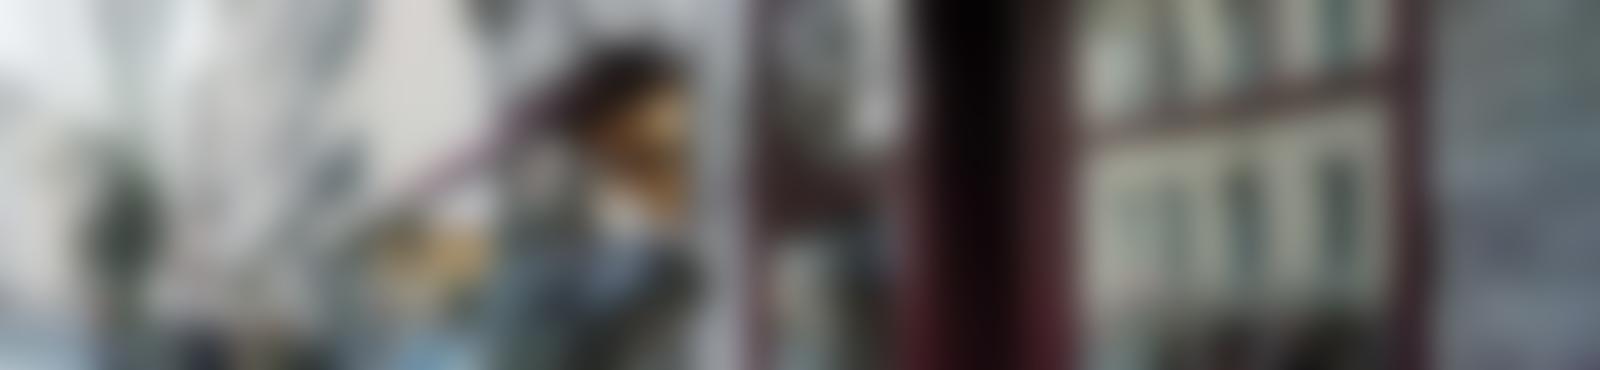 Blurred 9b798aaa 7099 4435 96ef 207681d462aa